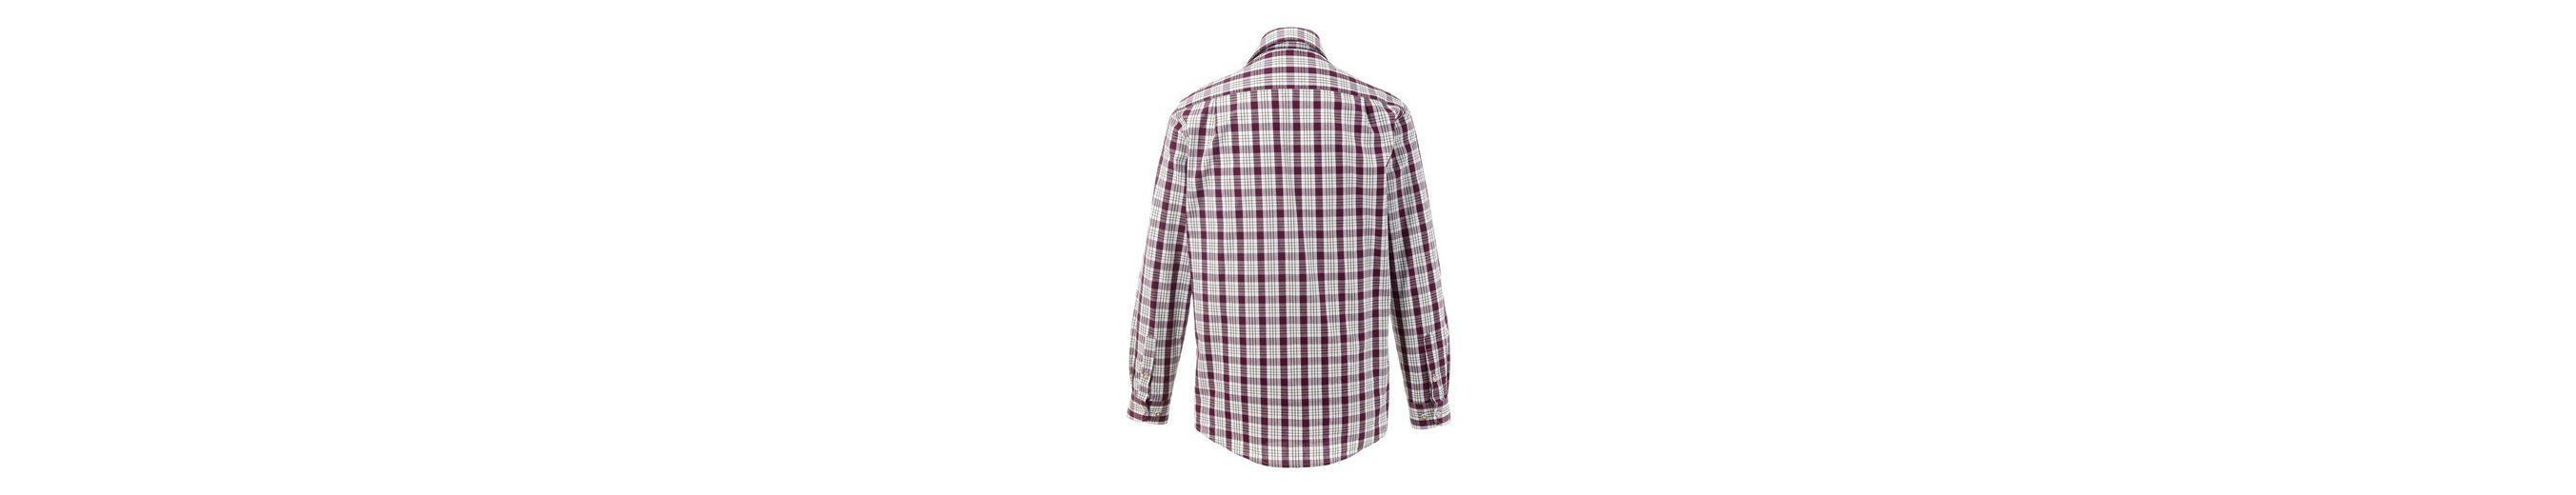 Almsach Trachtenhemd im Karodesign Günstig Kaufen Finish f5iWhhKR